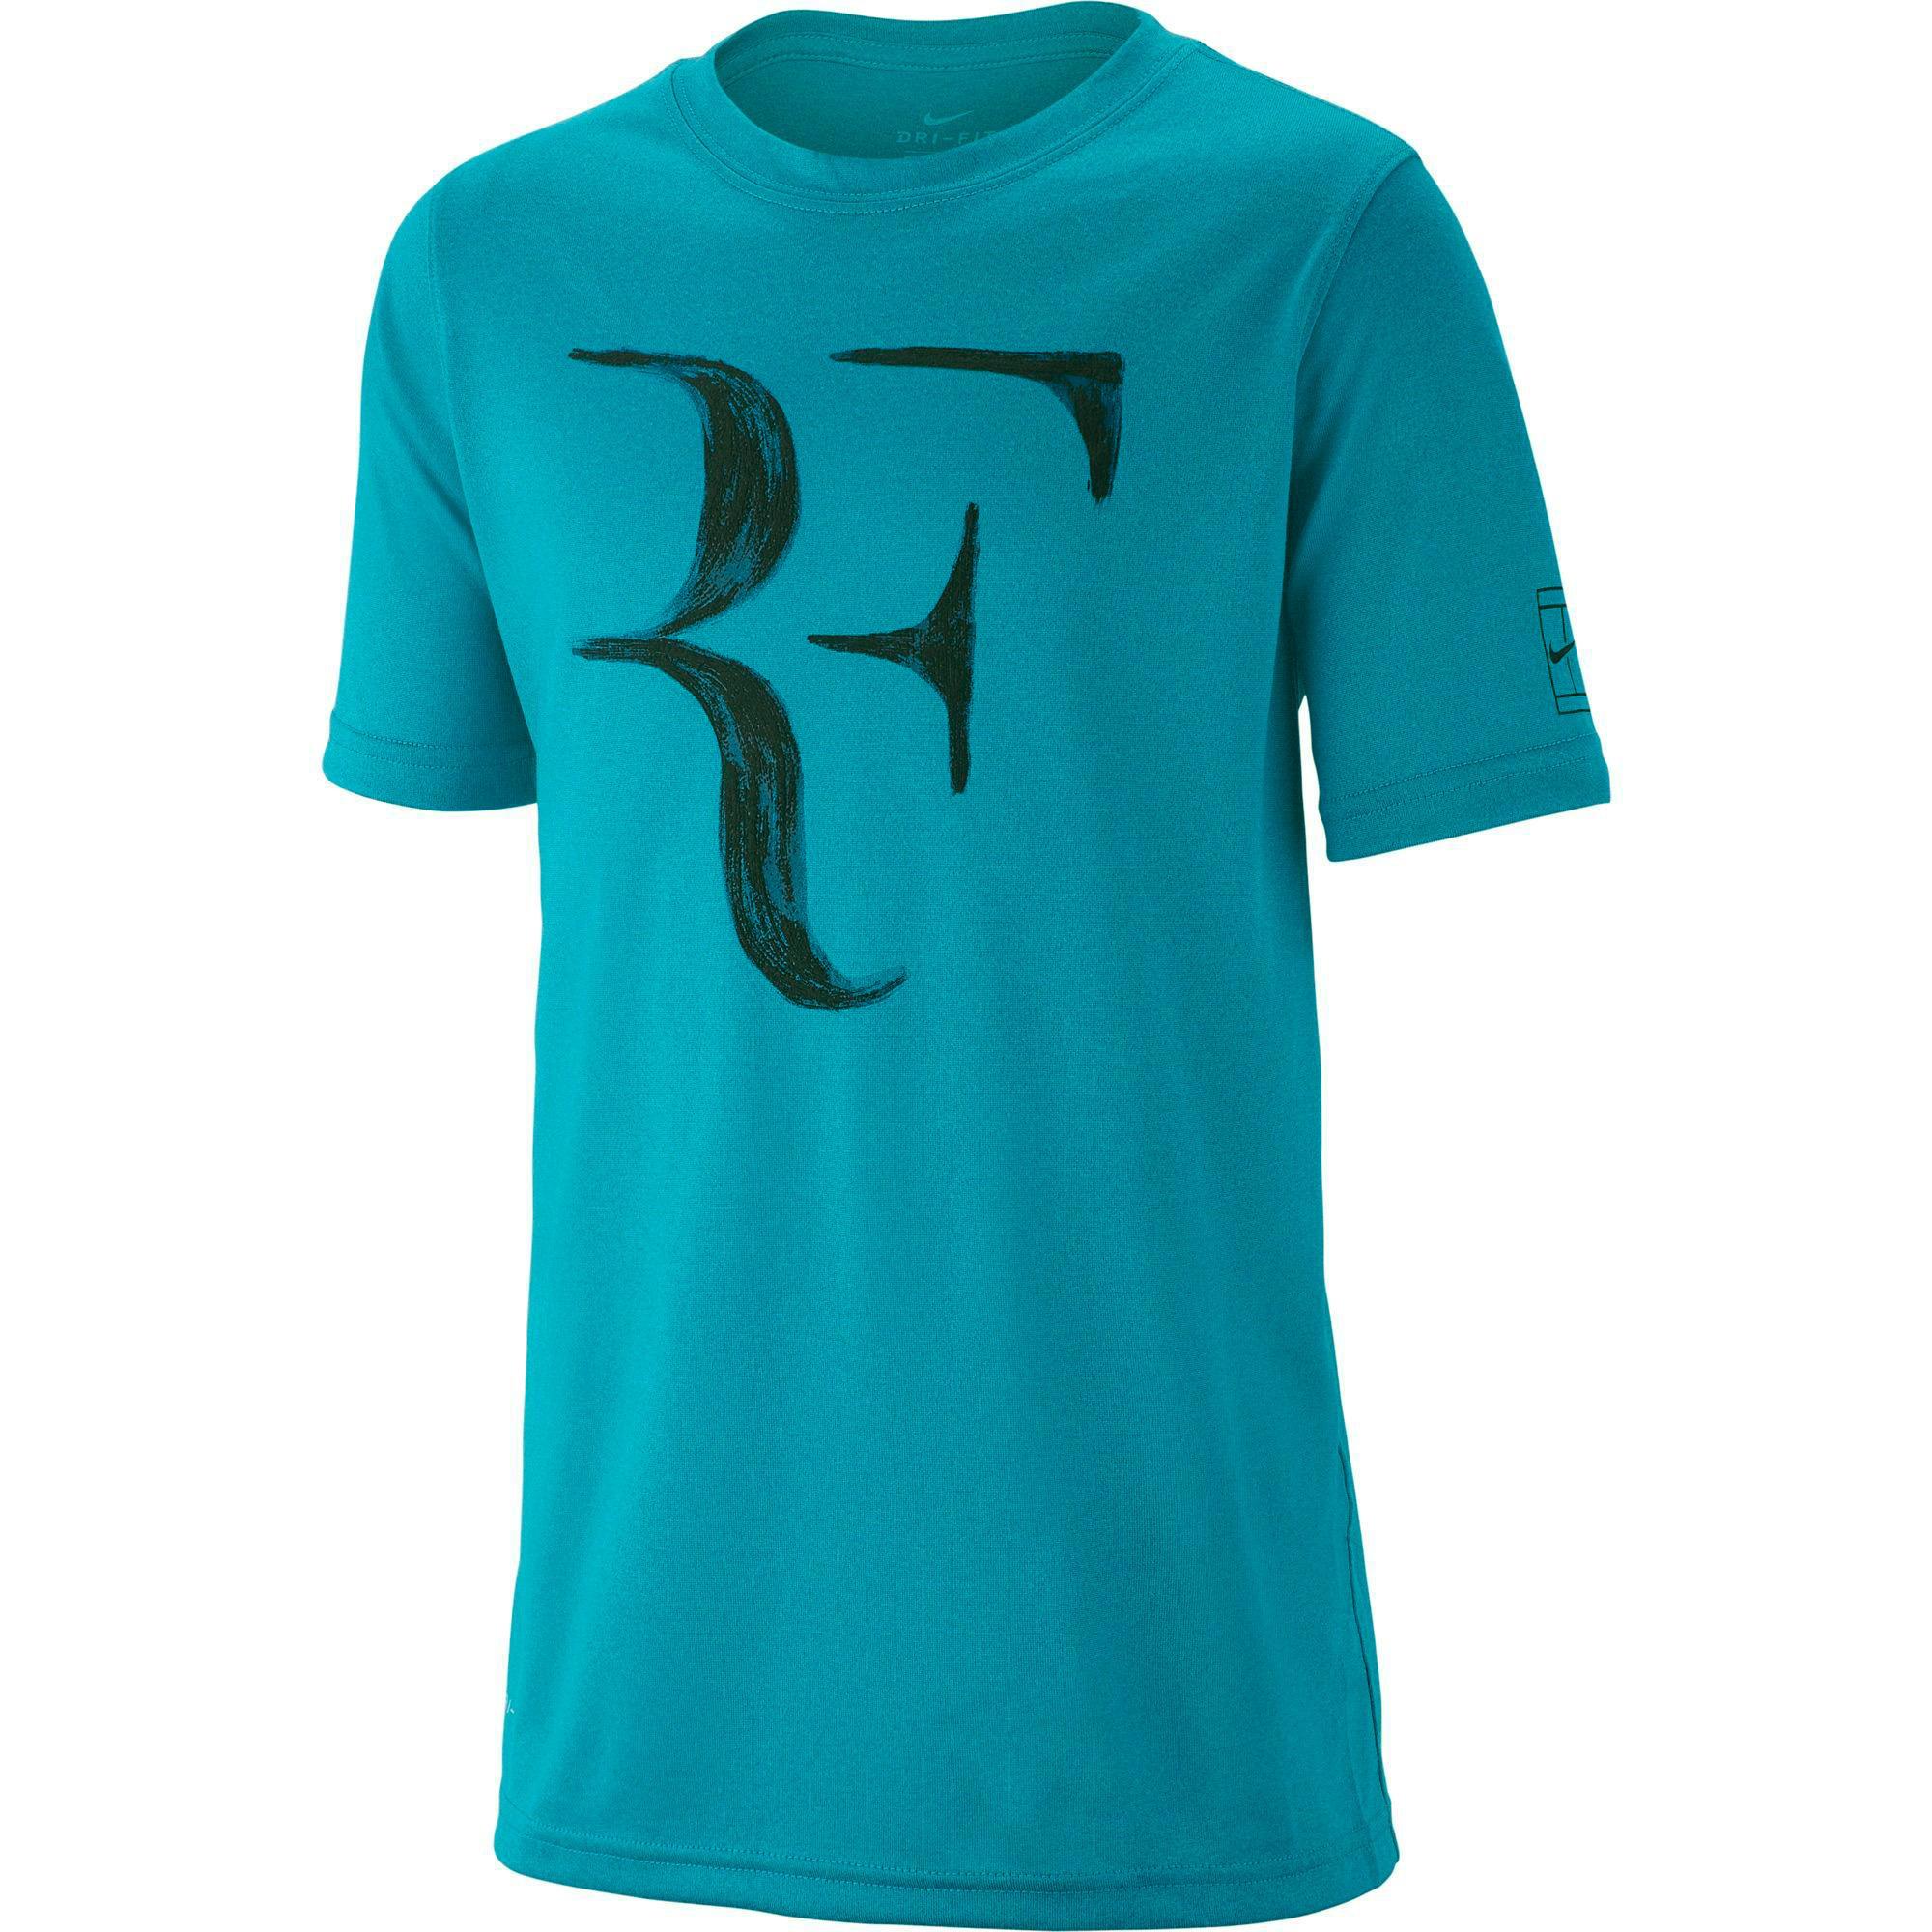 e8920b97b11 Nike Boys Dry RF Tee - Neo Turquoise - Tennisnuts.com